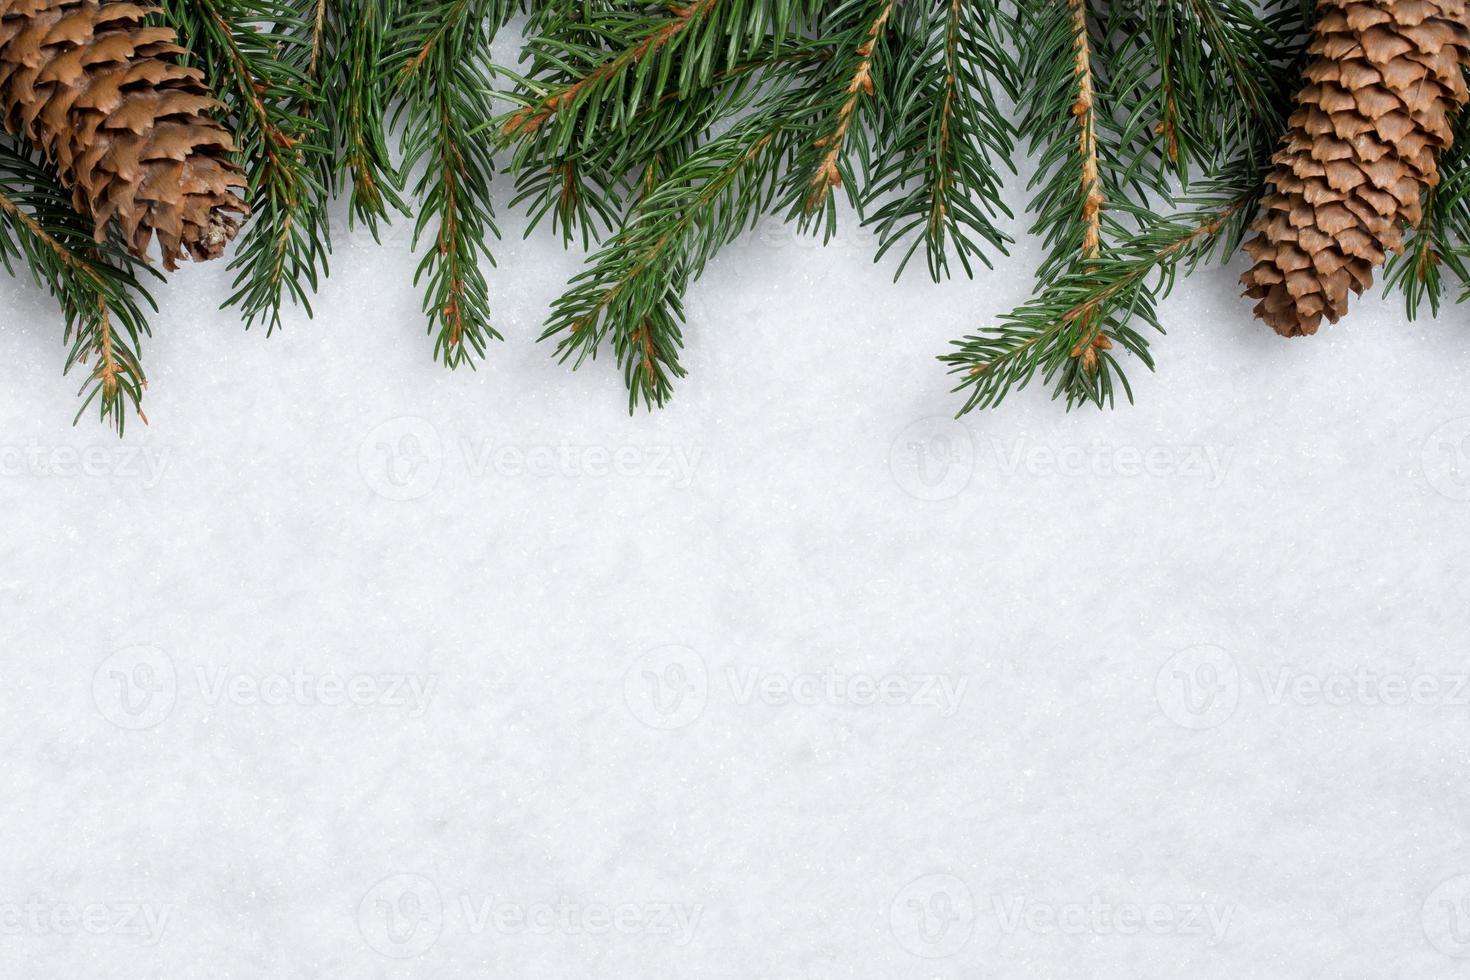 fond de noël avec des branches de sapin, des cônes et de la neige photo